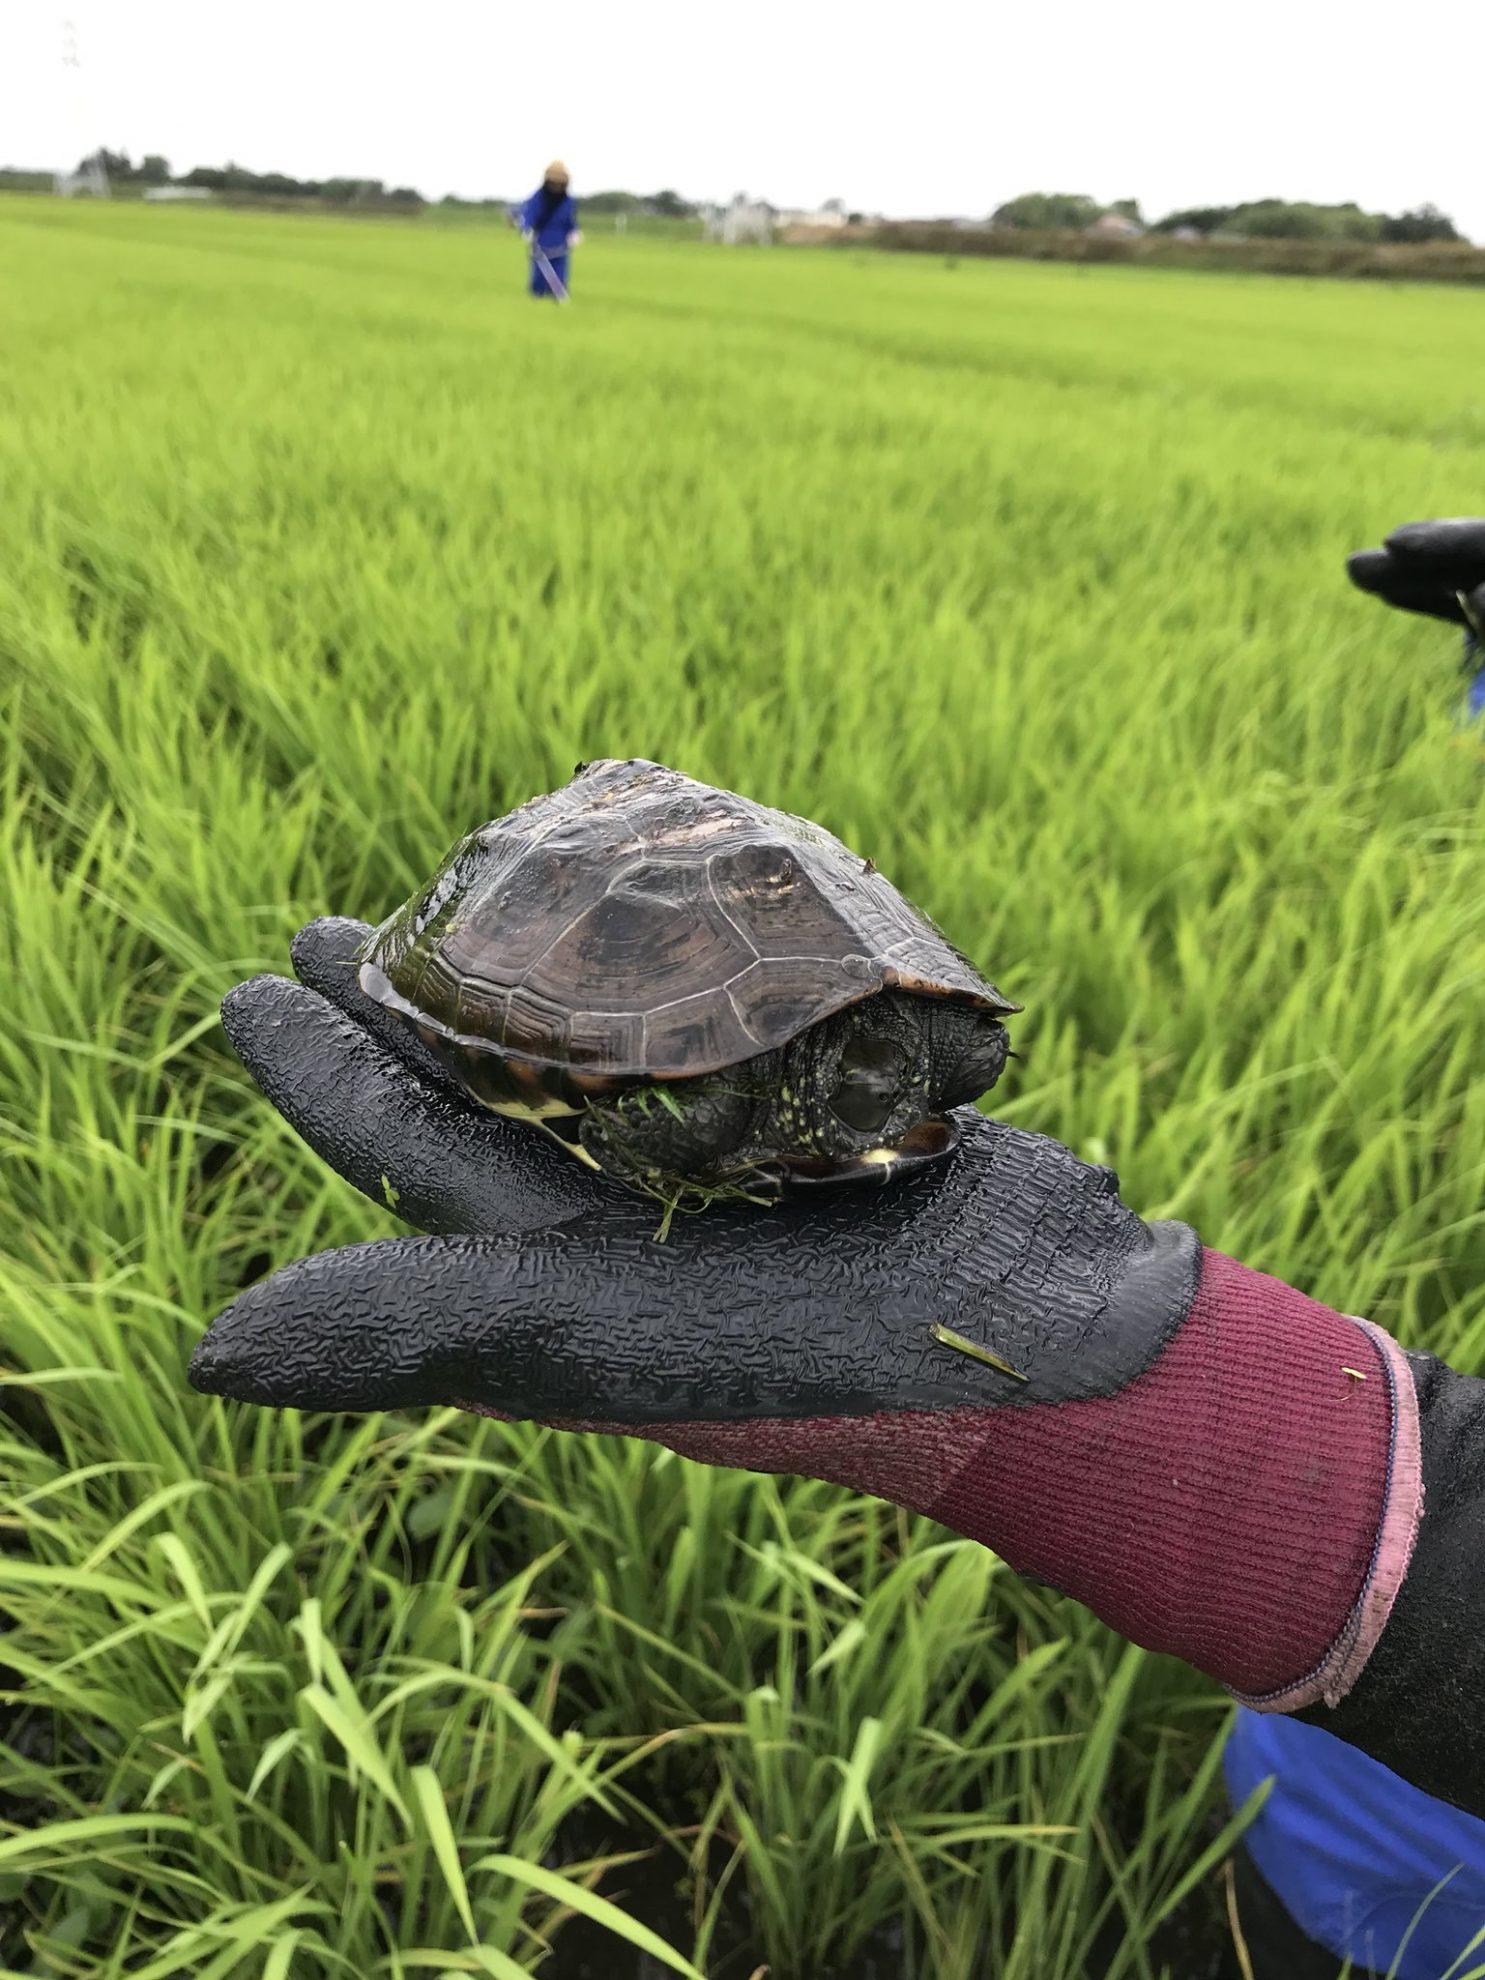 田んぼの中に何か硬いものが……カメ! 自然と調和するりそうファームならではです。